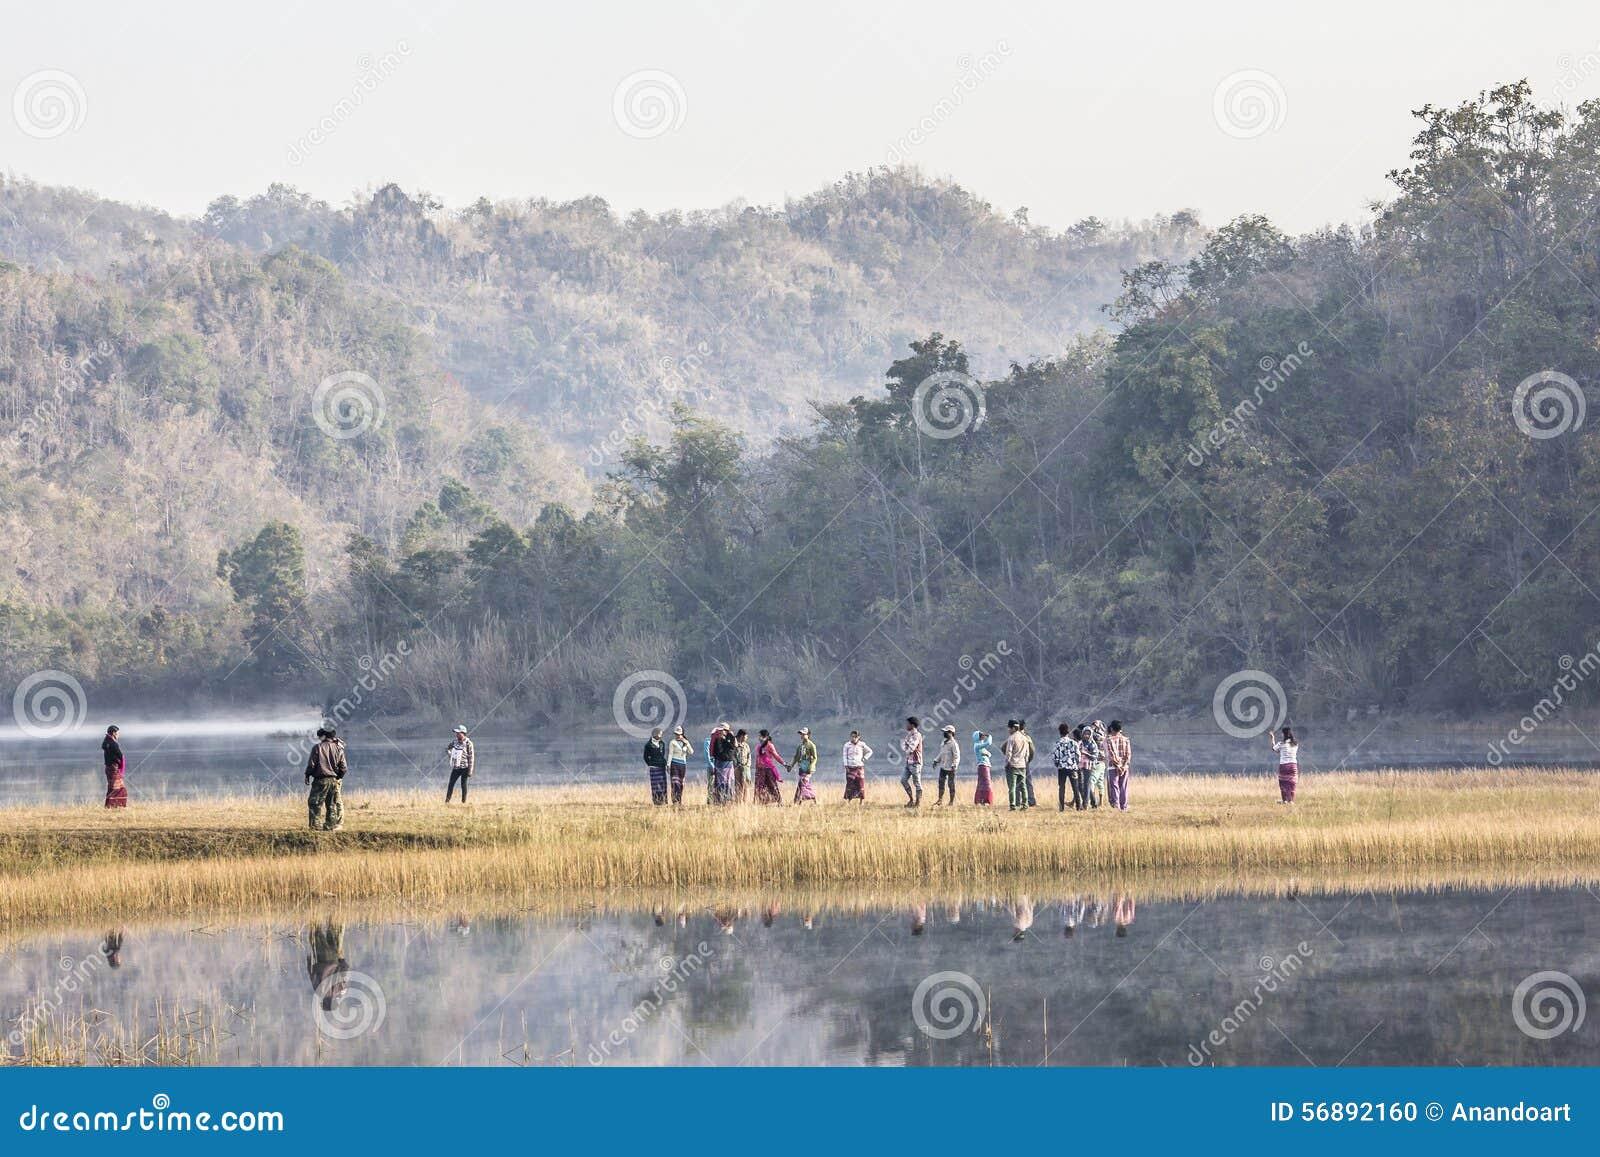 Festival de 7 lagos